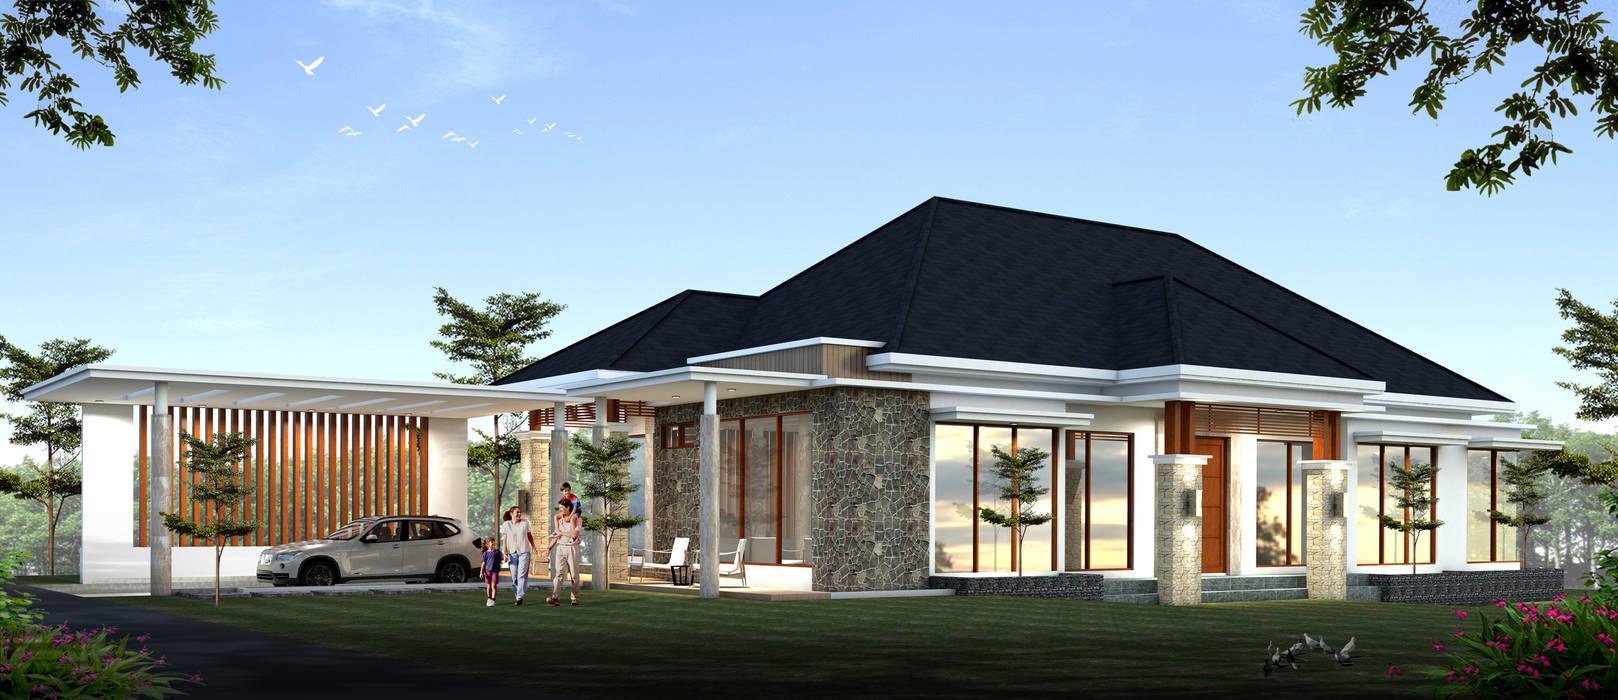 Rumah konsep alam:  Rumah tinggal  by Ikhwan desain